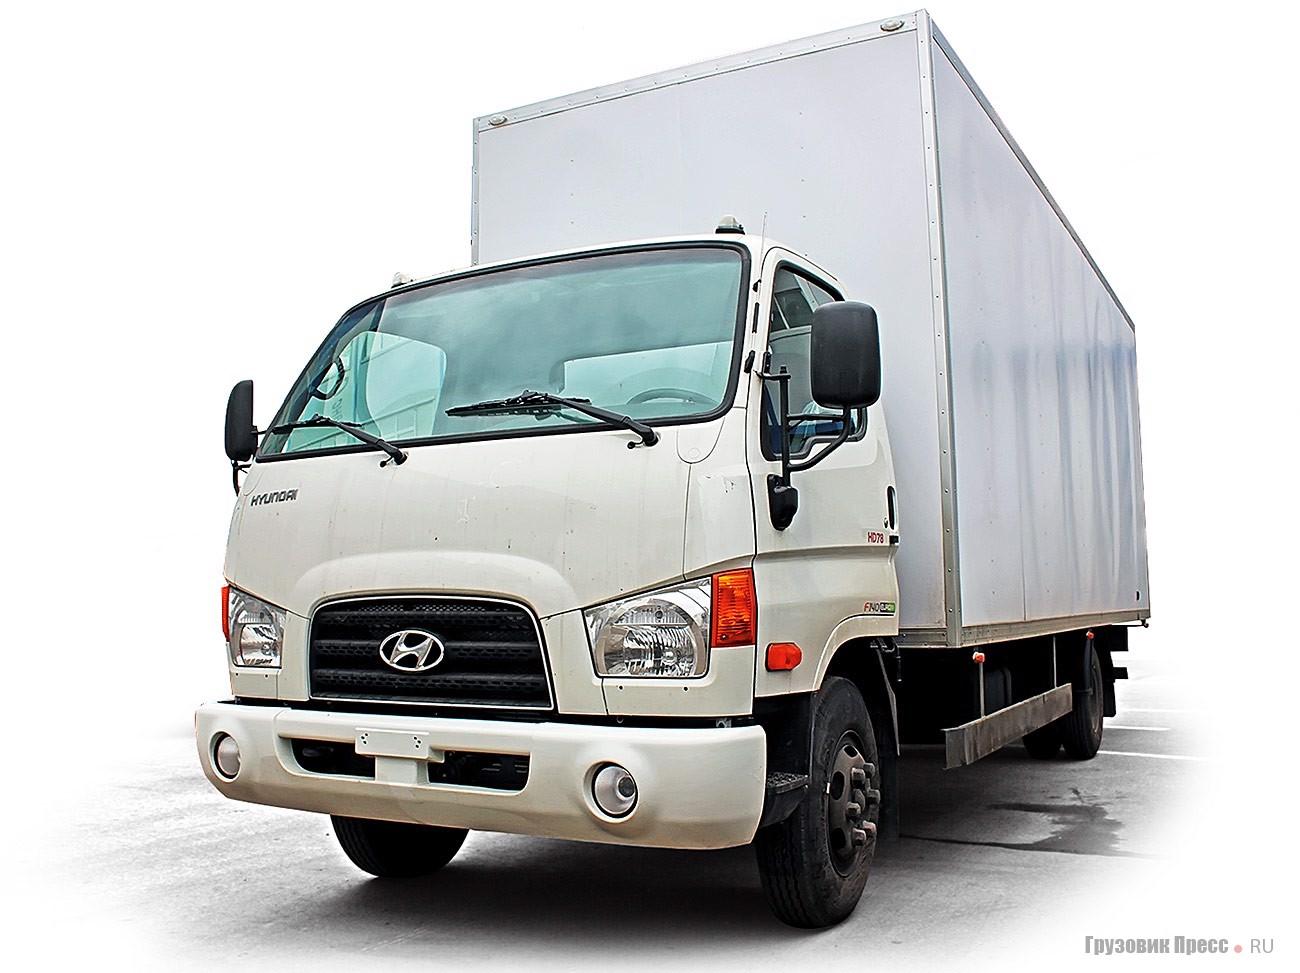 Фото грузового и легкового авто вместе